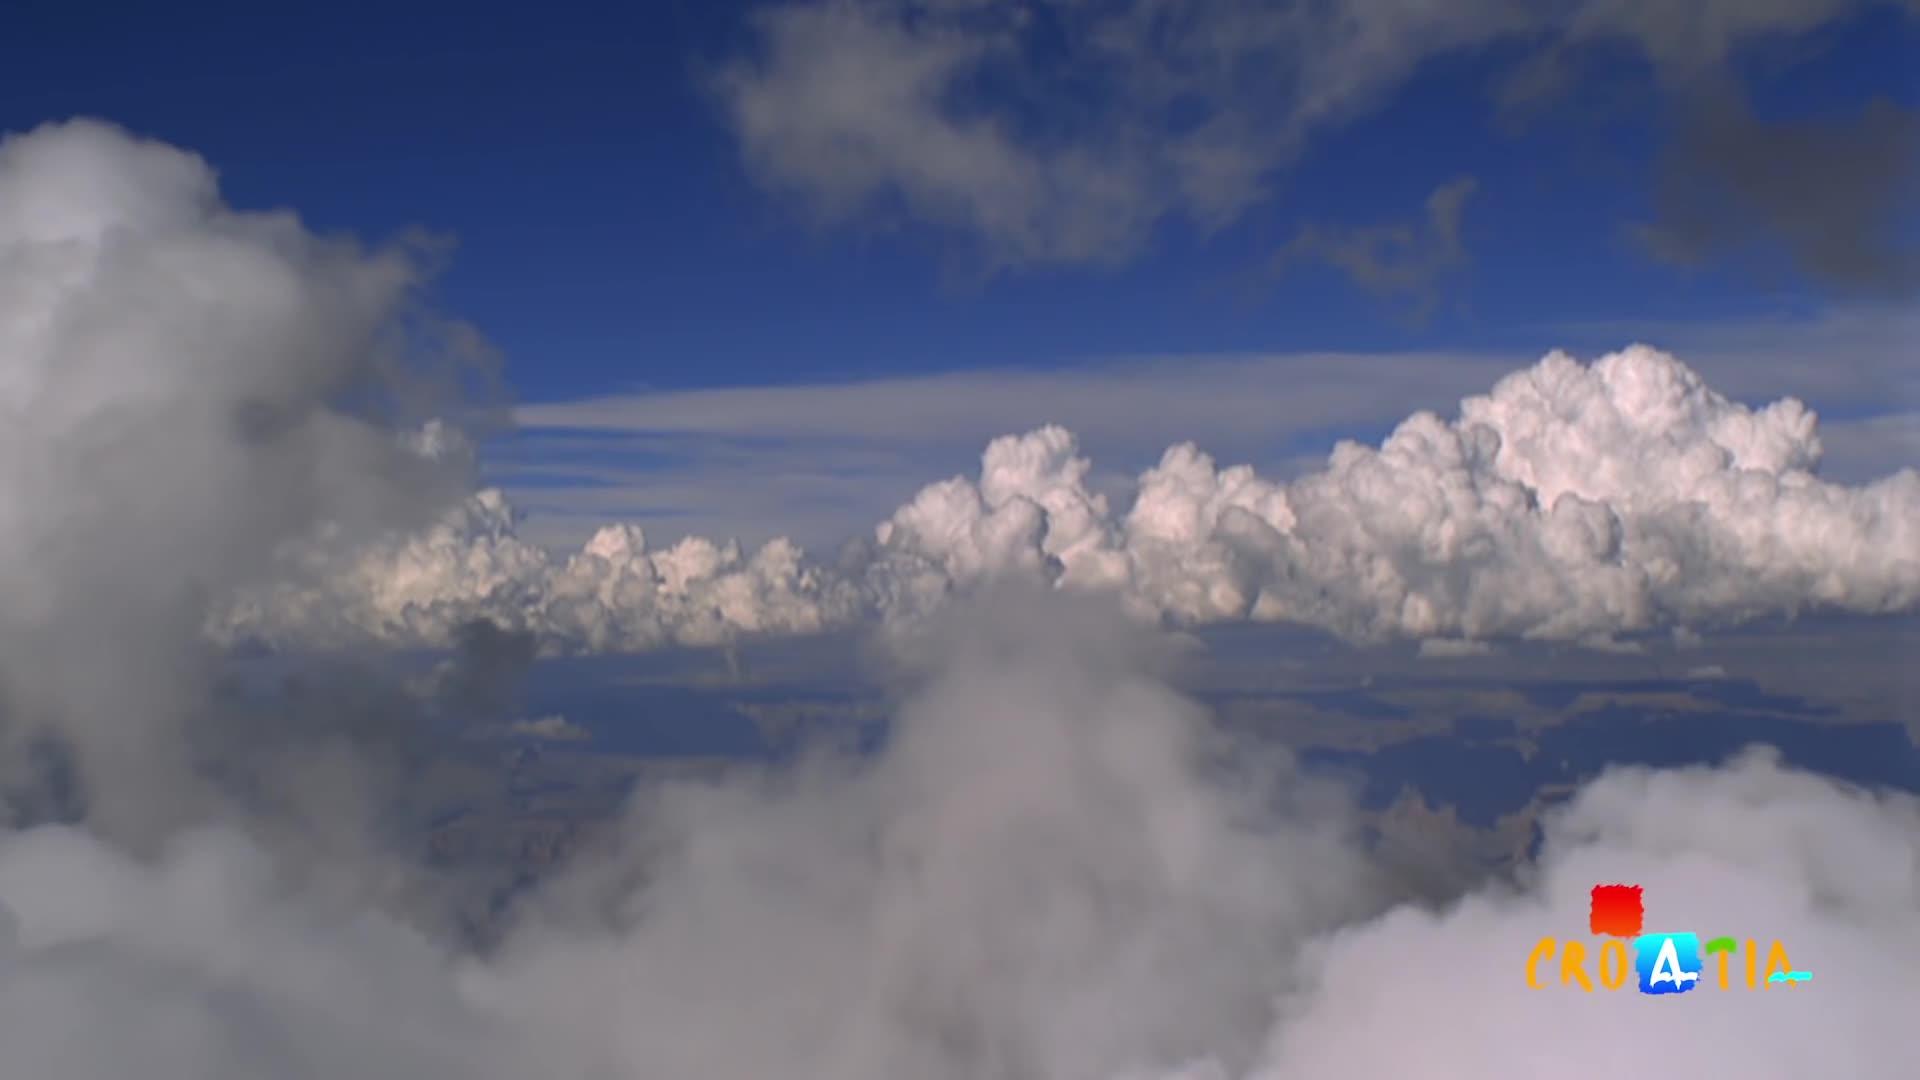 Cò đực bay 14 000 km suốt 17 năm để về gặp cò cái bị gãy cánh gây xúc động